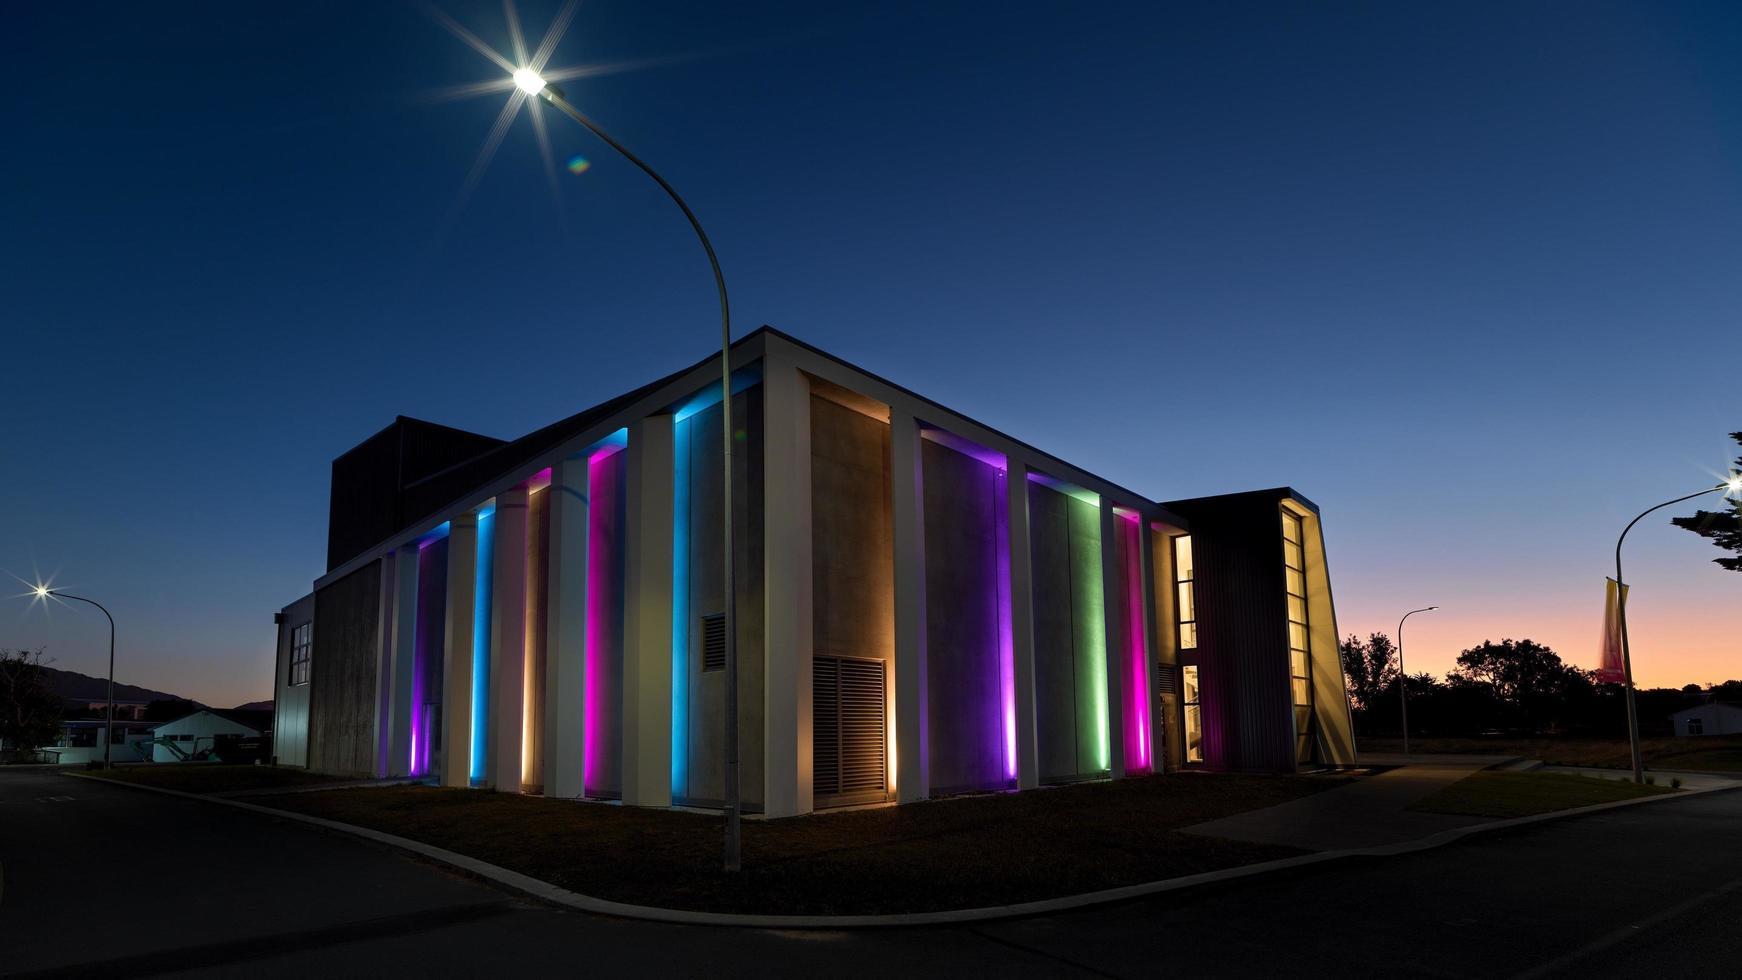 Edificio iluminado de color verde púrpura y amarillo durante la noche foto